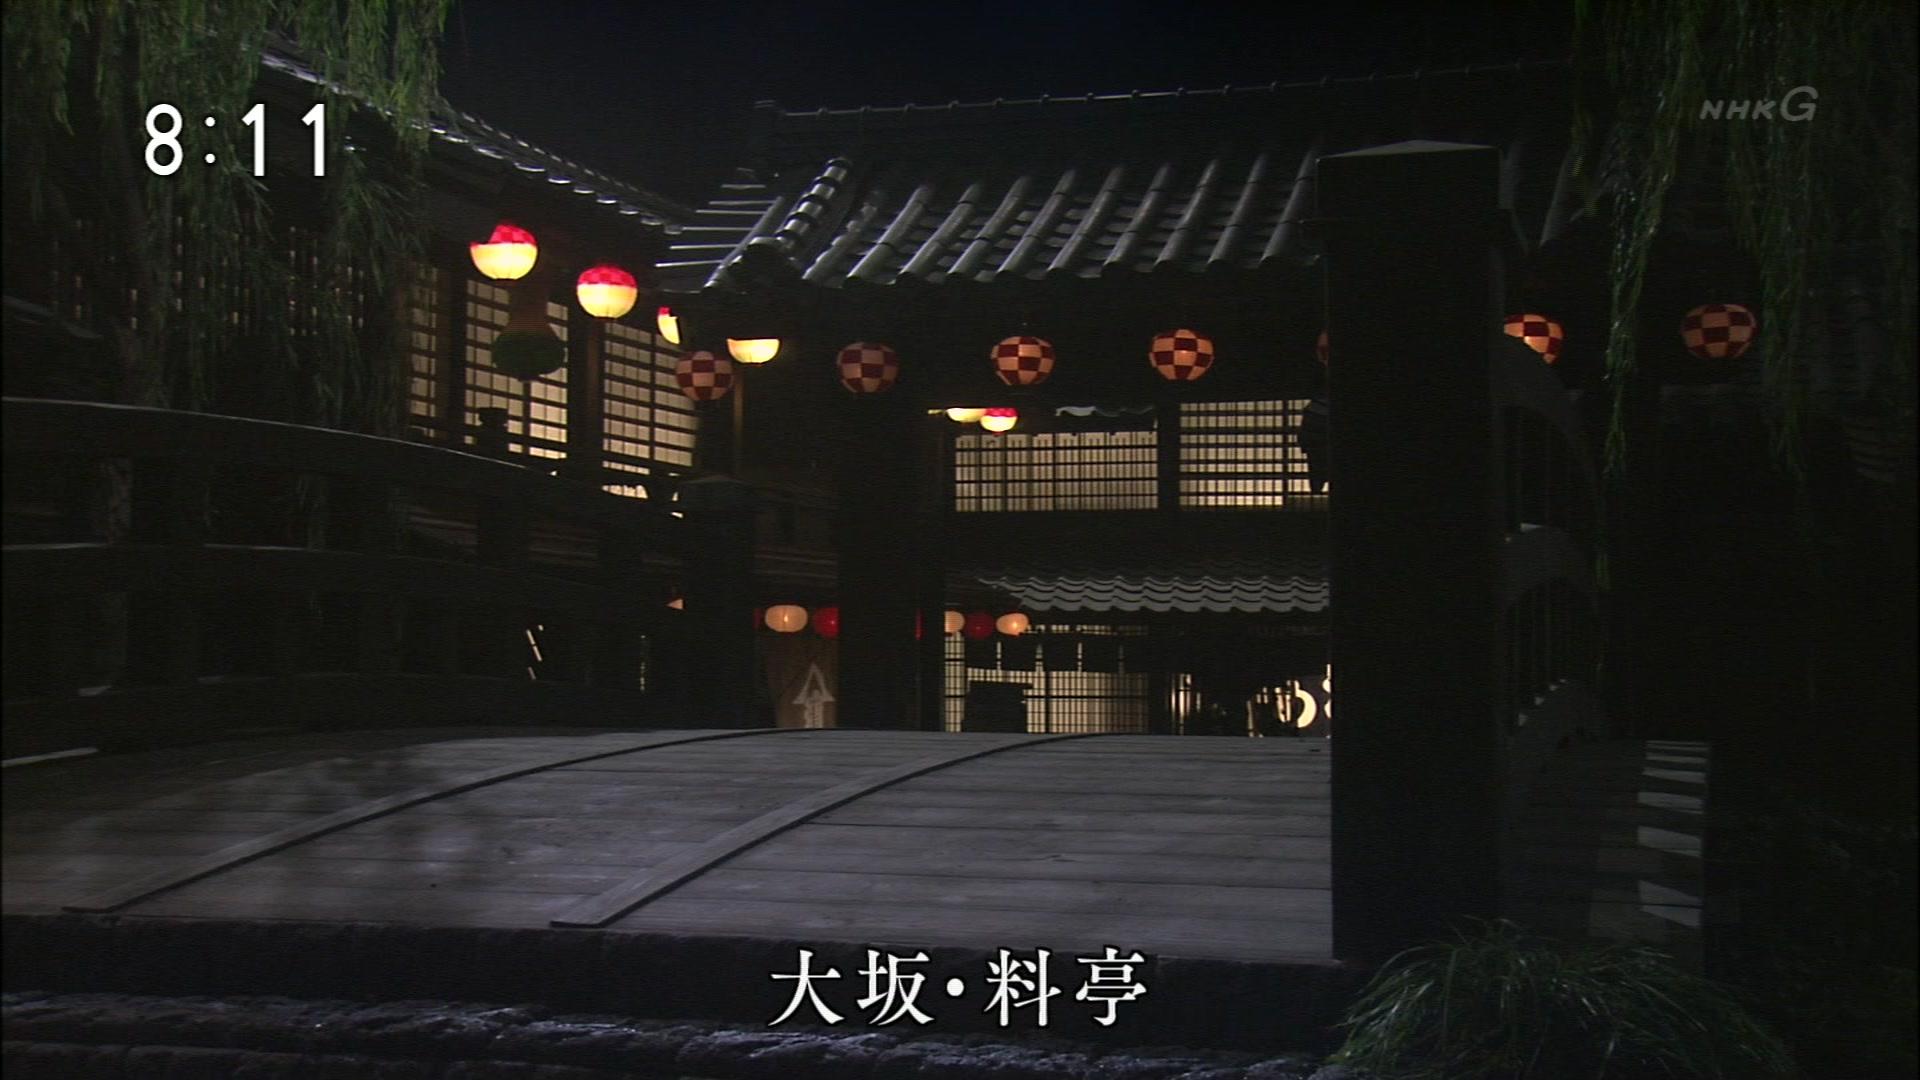 2015-10-08 08:00 連続テレビ小説 あさが来た(10)「ふたつの花びら」 2033